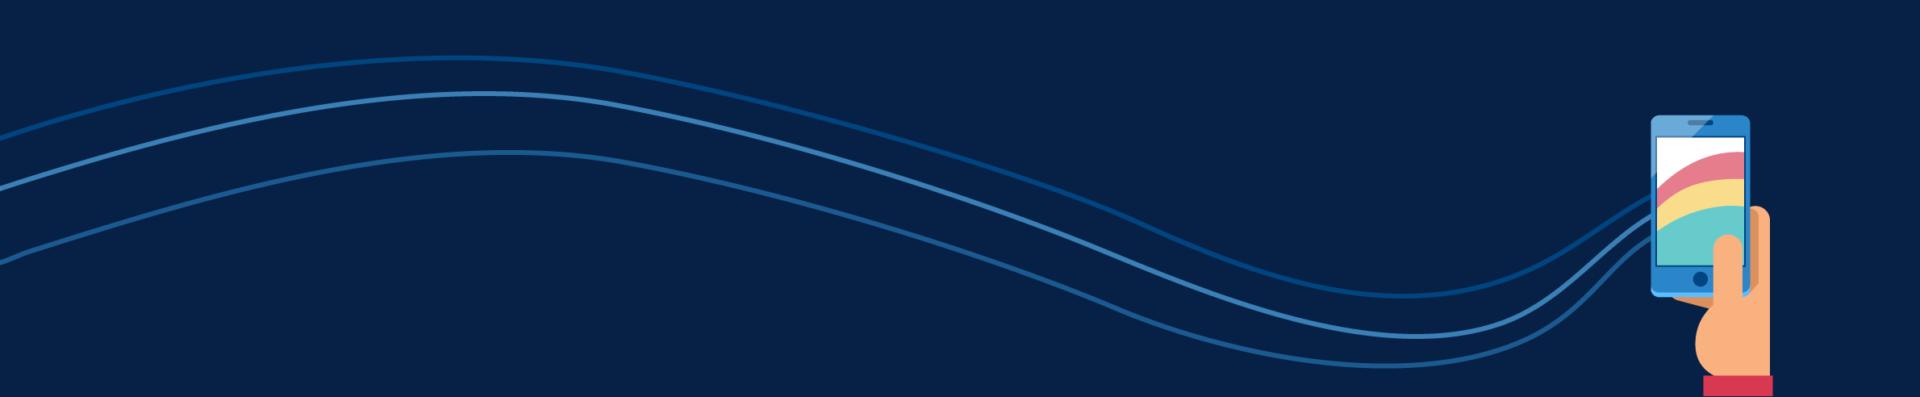 design-header-bbva_com